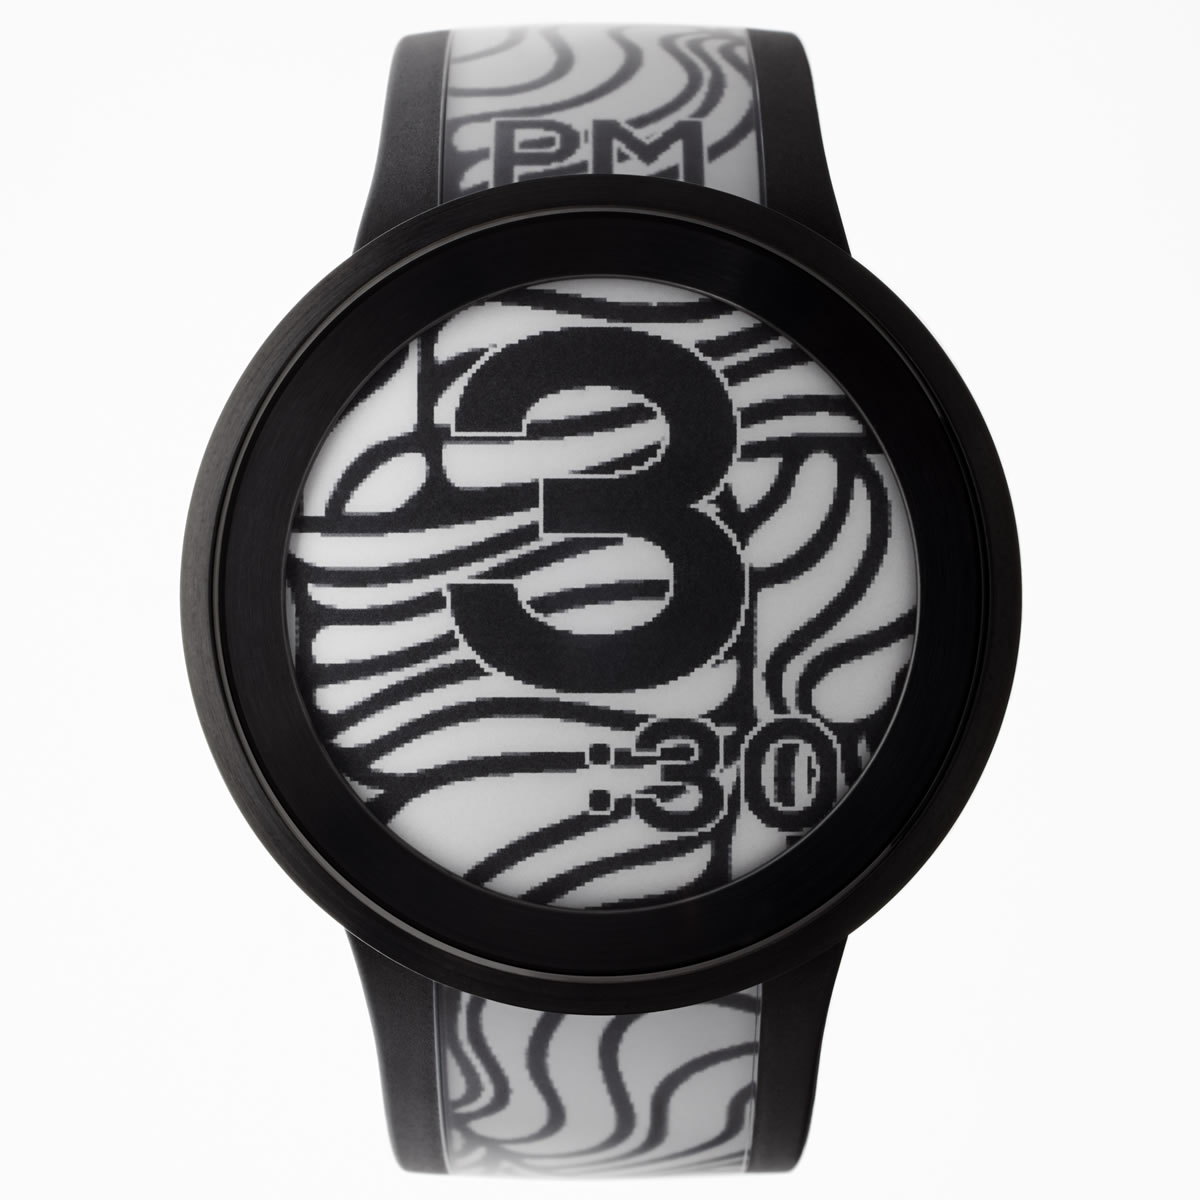 ソニー フェスウォッチ Sony FES Watch U スマートフォン連動ウォッチ 電子ペーパー 腕時計 メンズ レディース プレミアムブラック FES-WA1-B